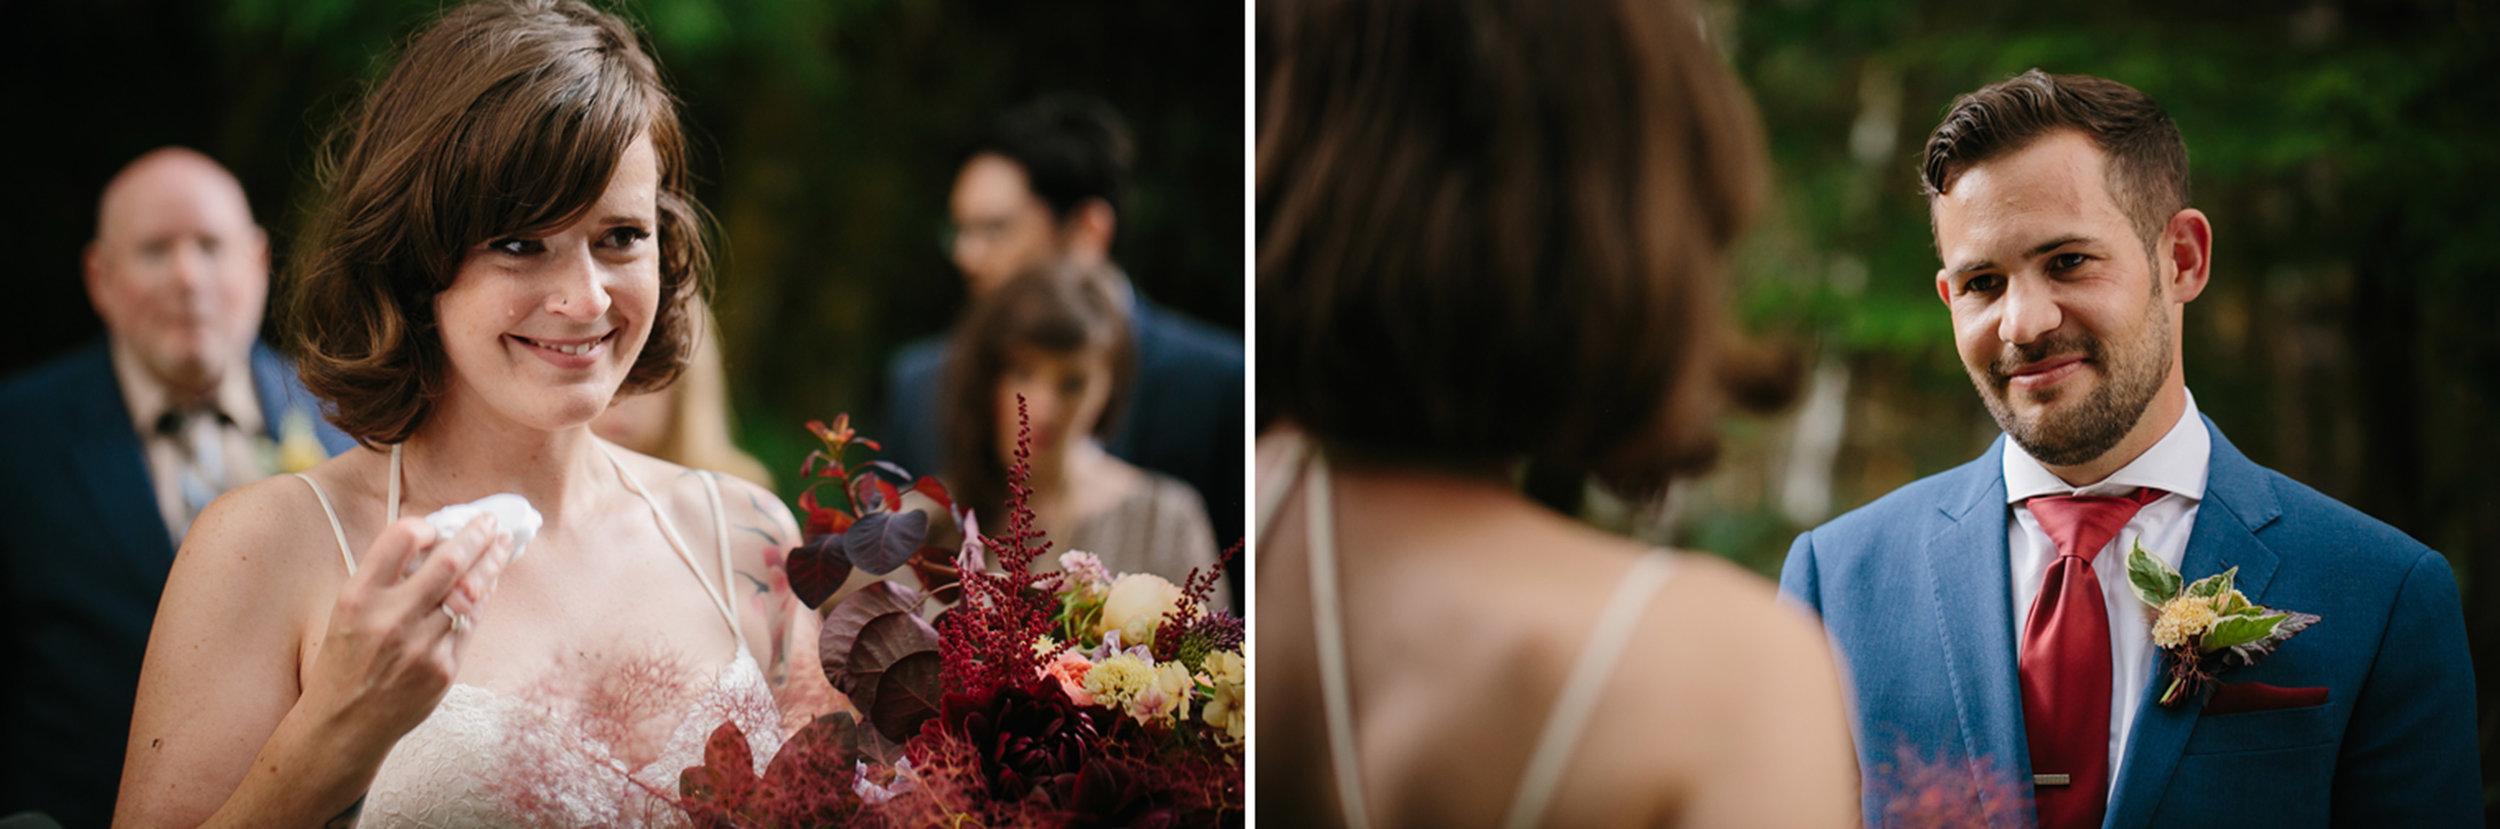 Washington_WeddingPhotographer_034.jpg